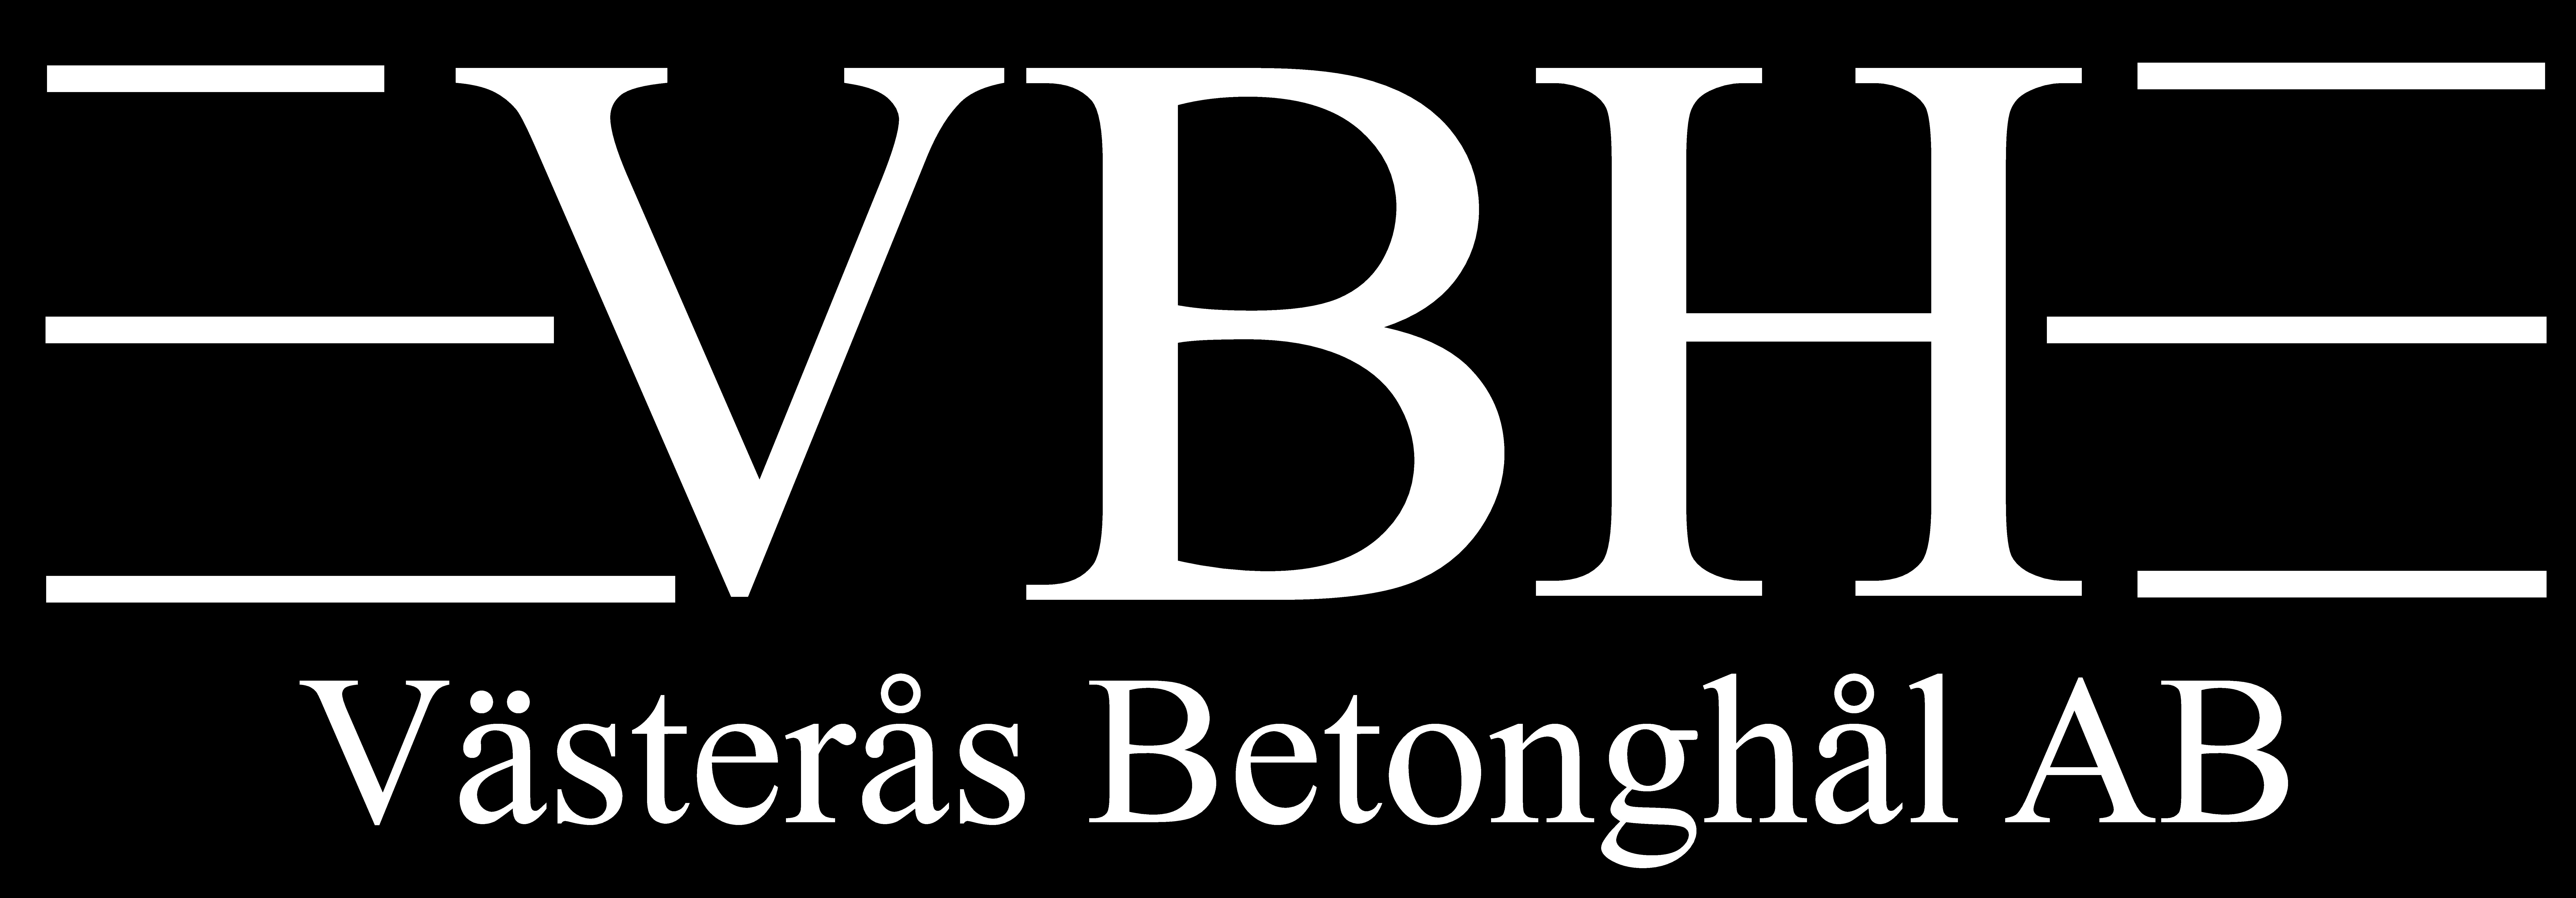 VBH AB